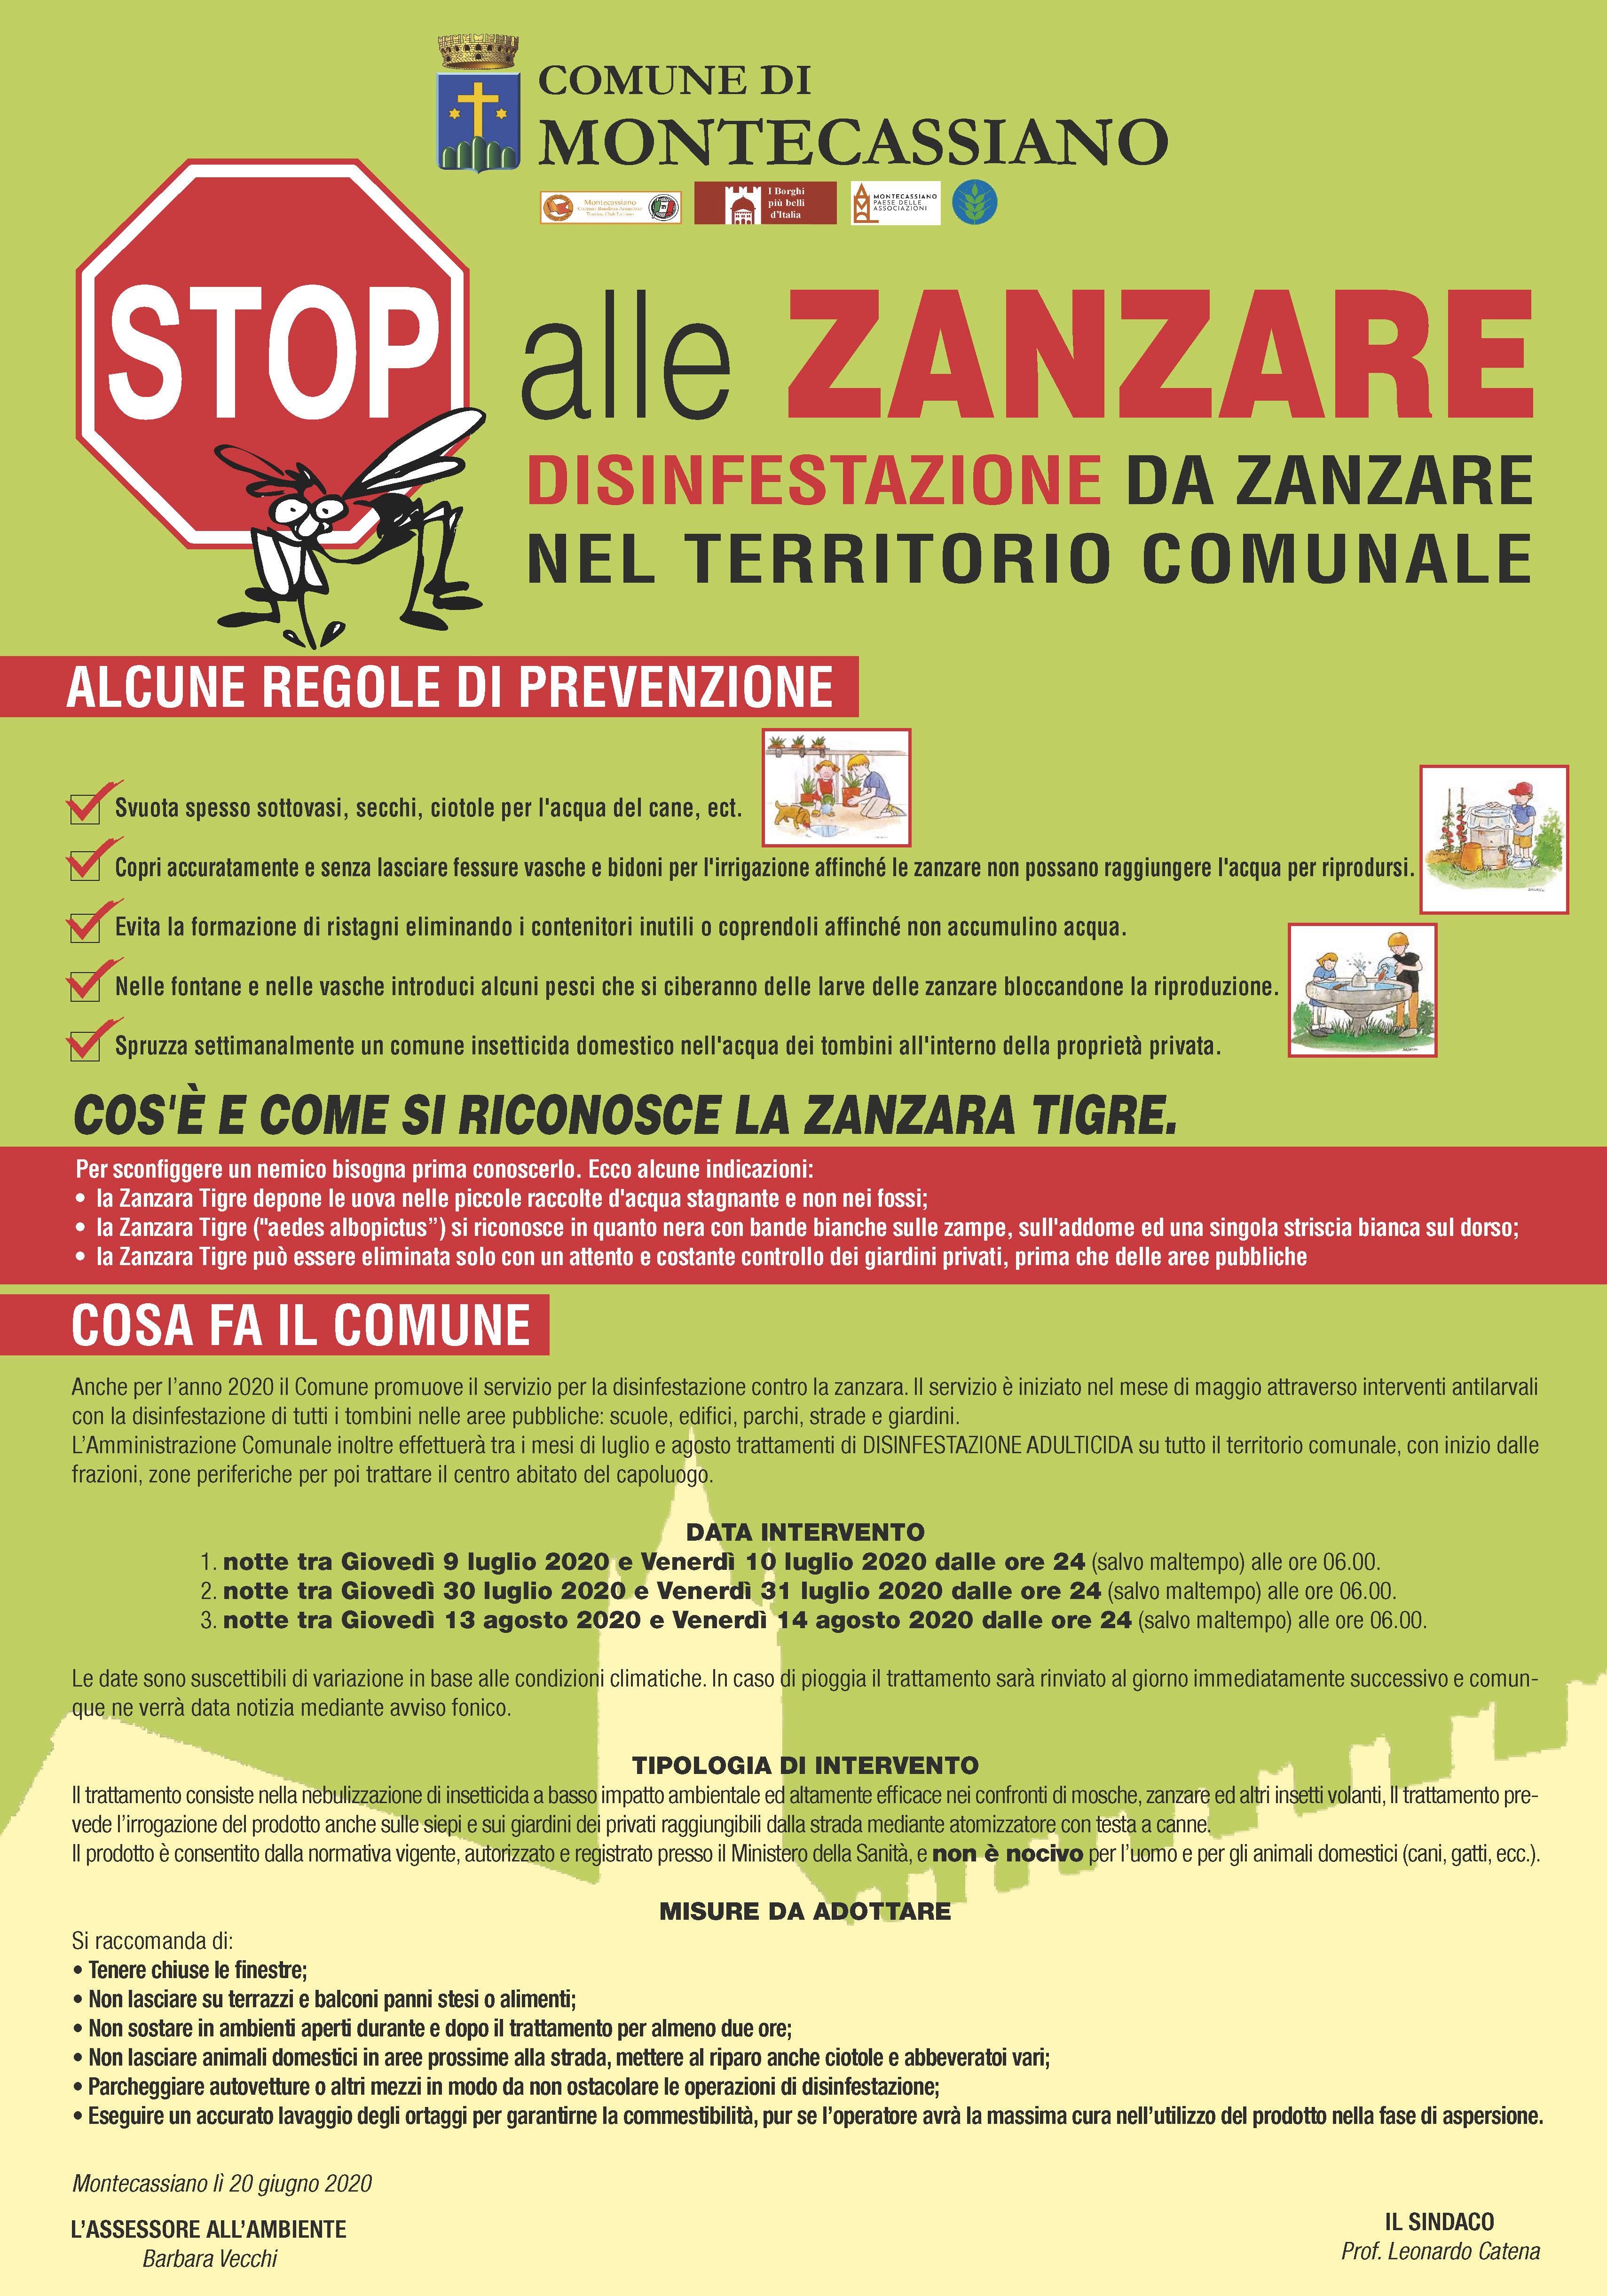 zanzare man 2020